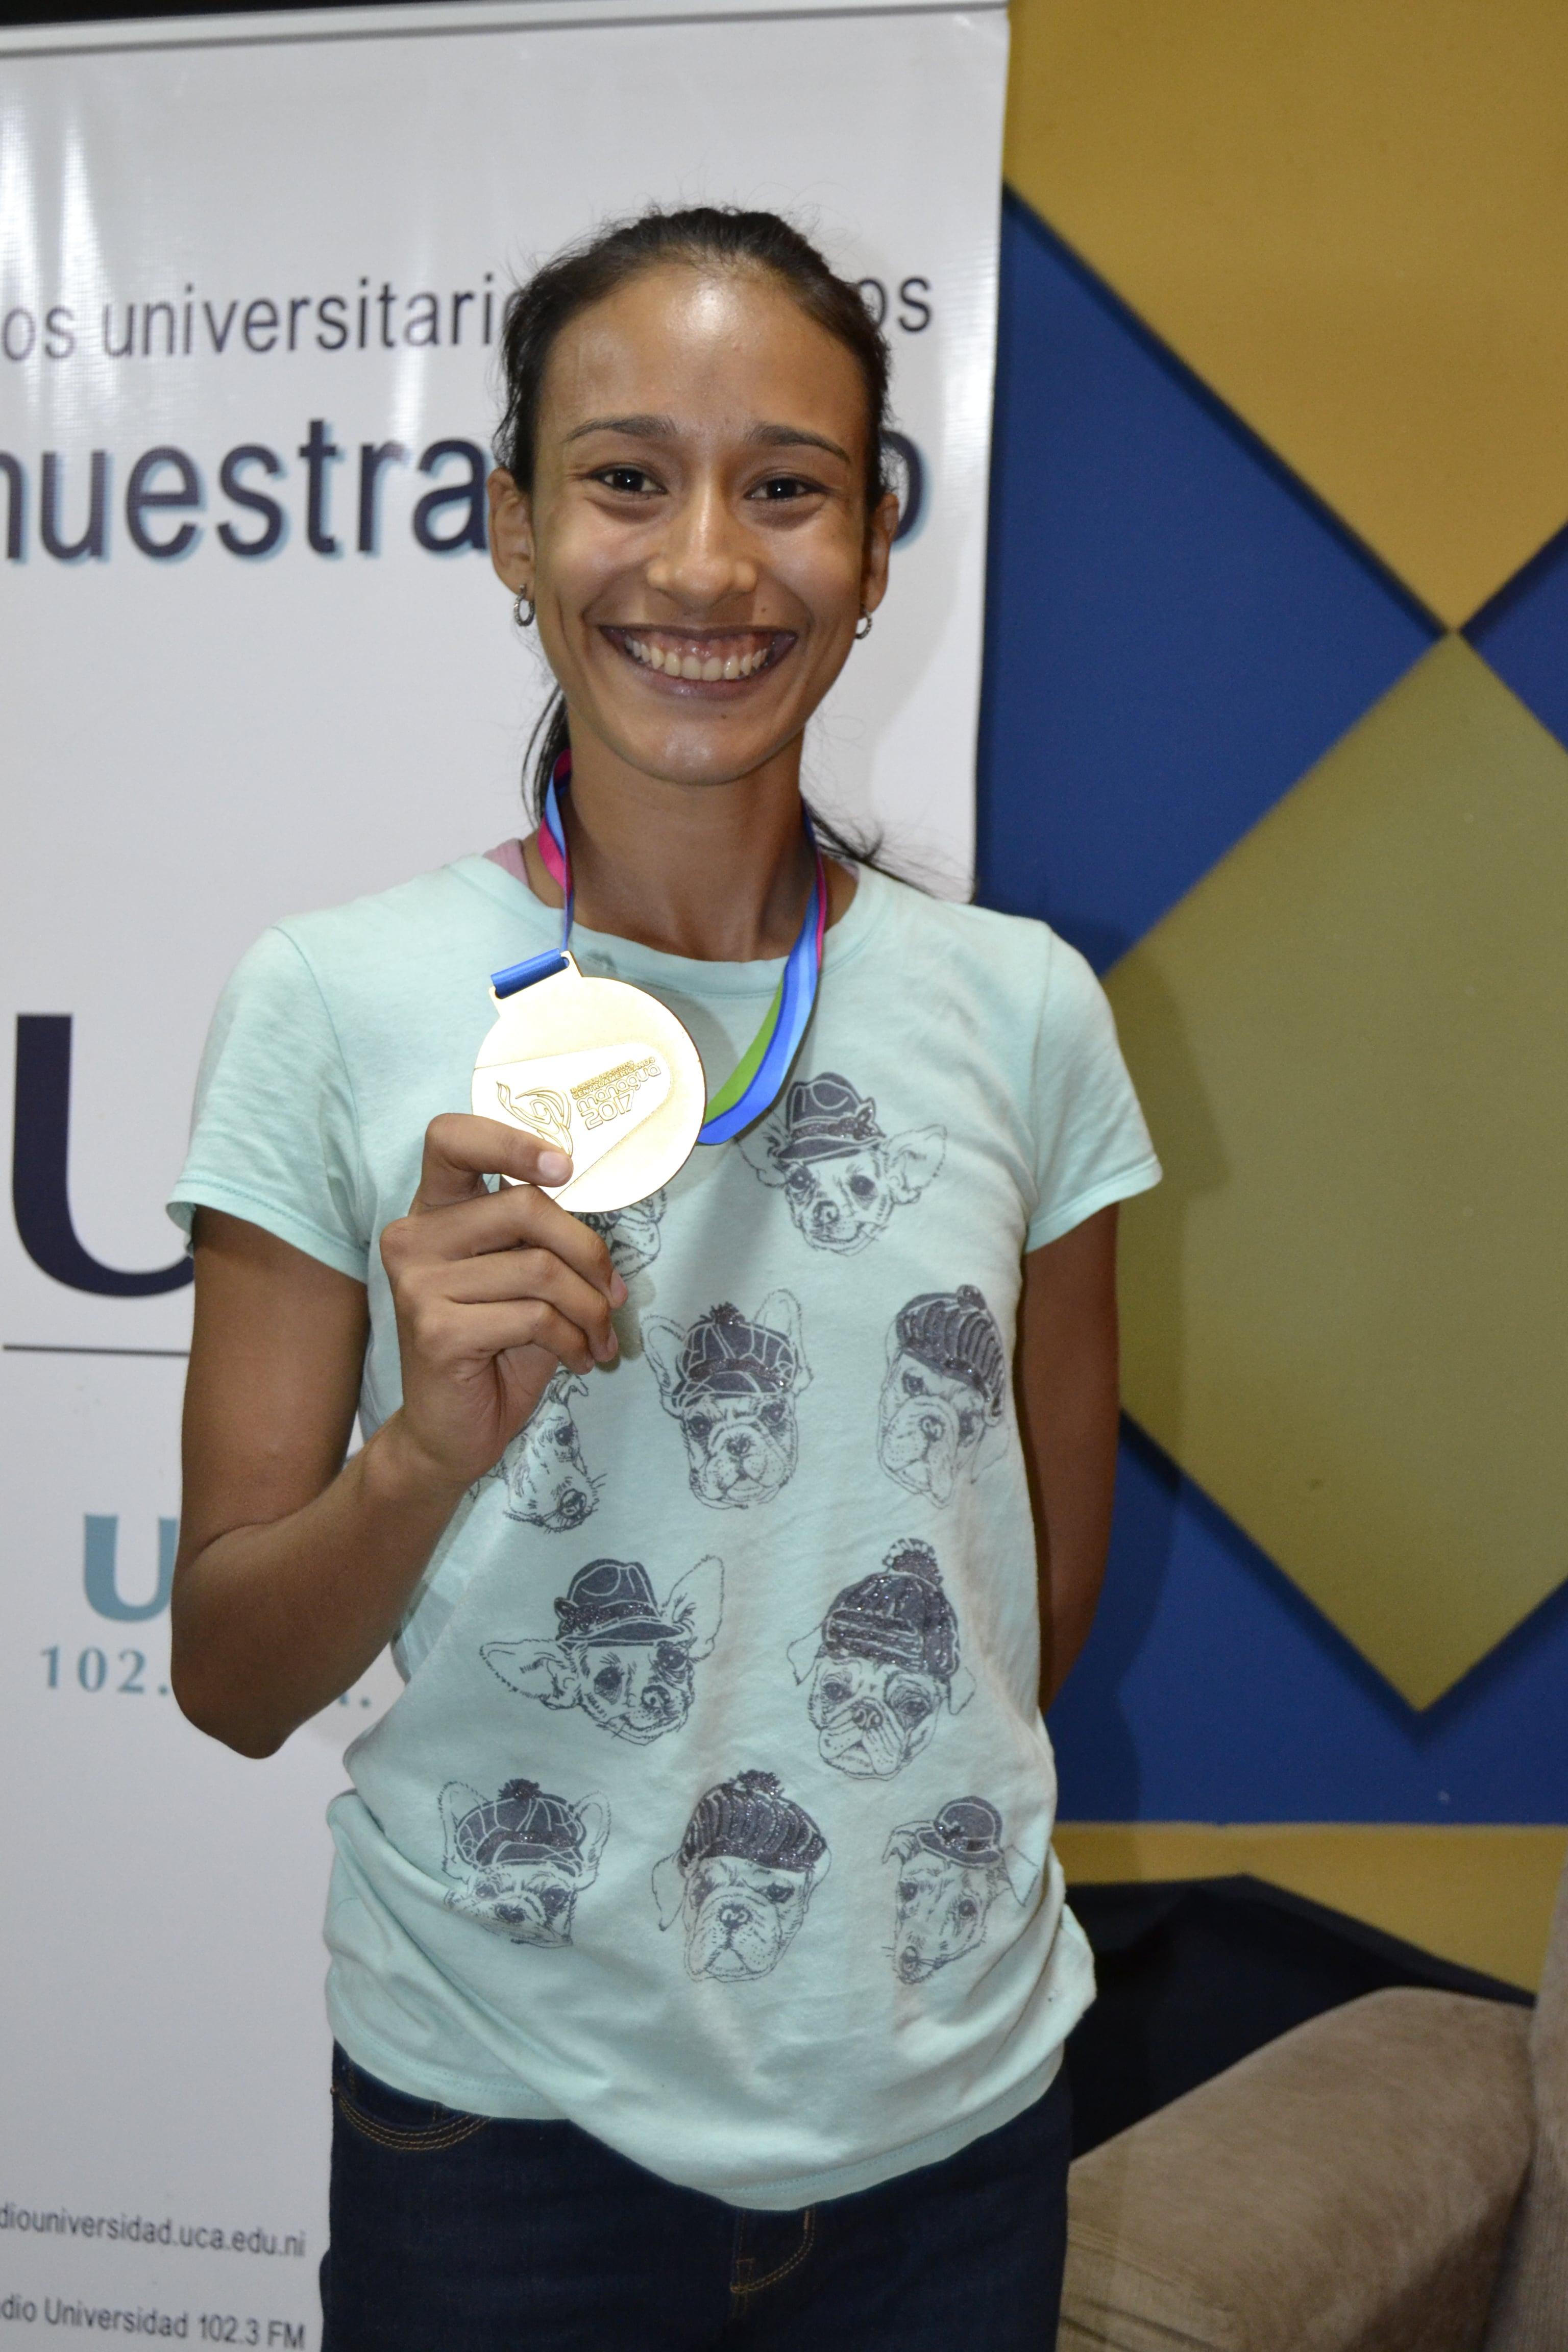 Solansh Vargas